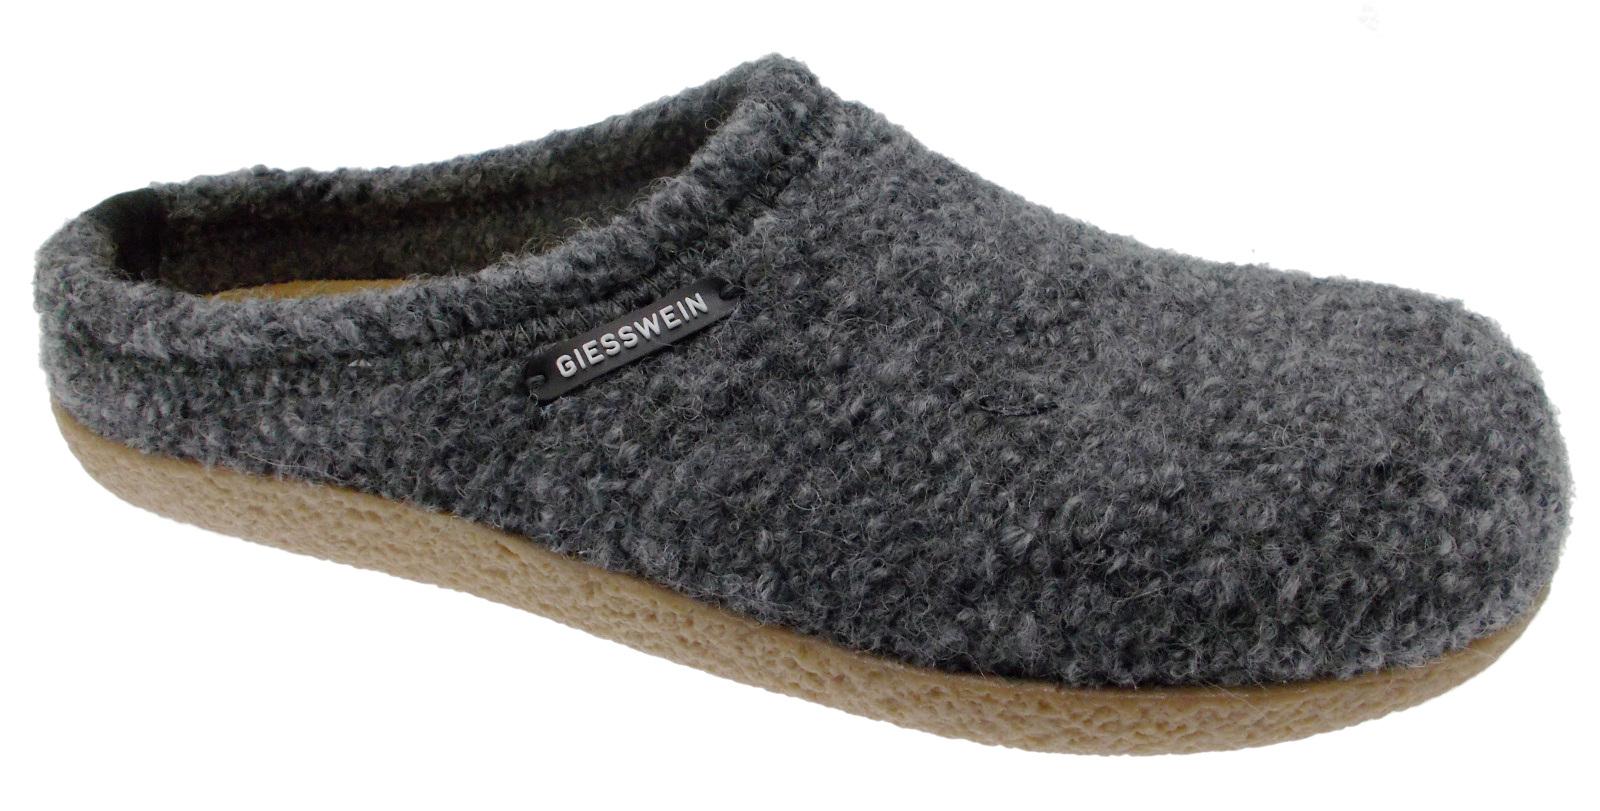 52/10/47848 019 Veitsch slipper unisex uitneembaar voetbed grijs doek Giesswein